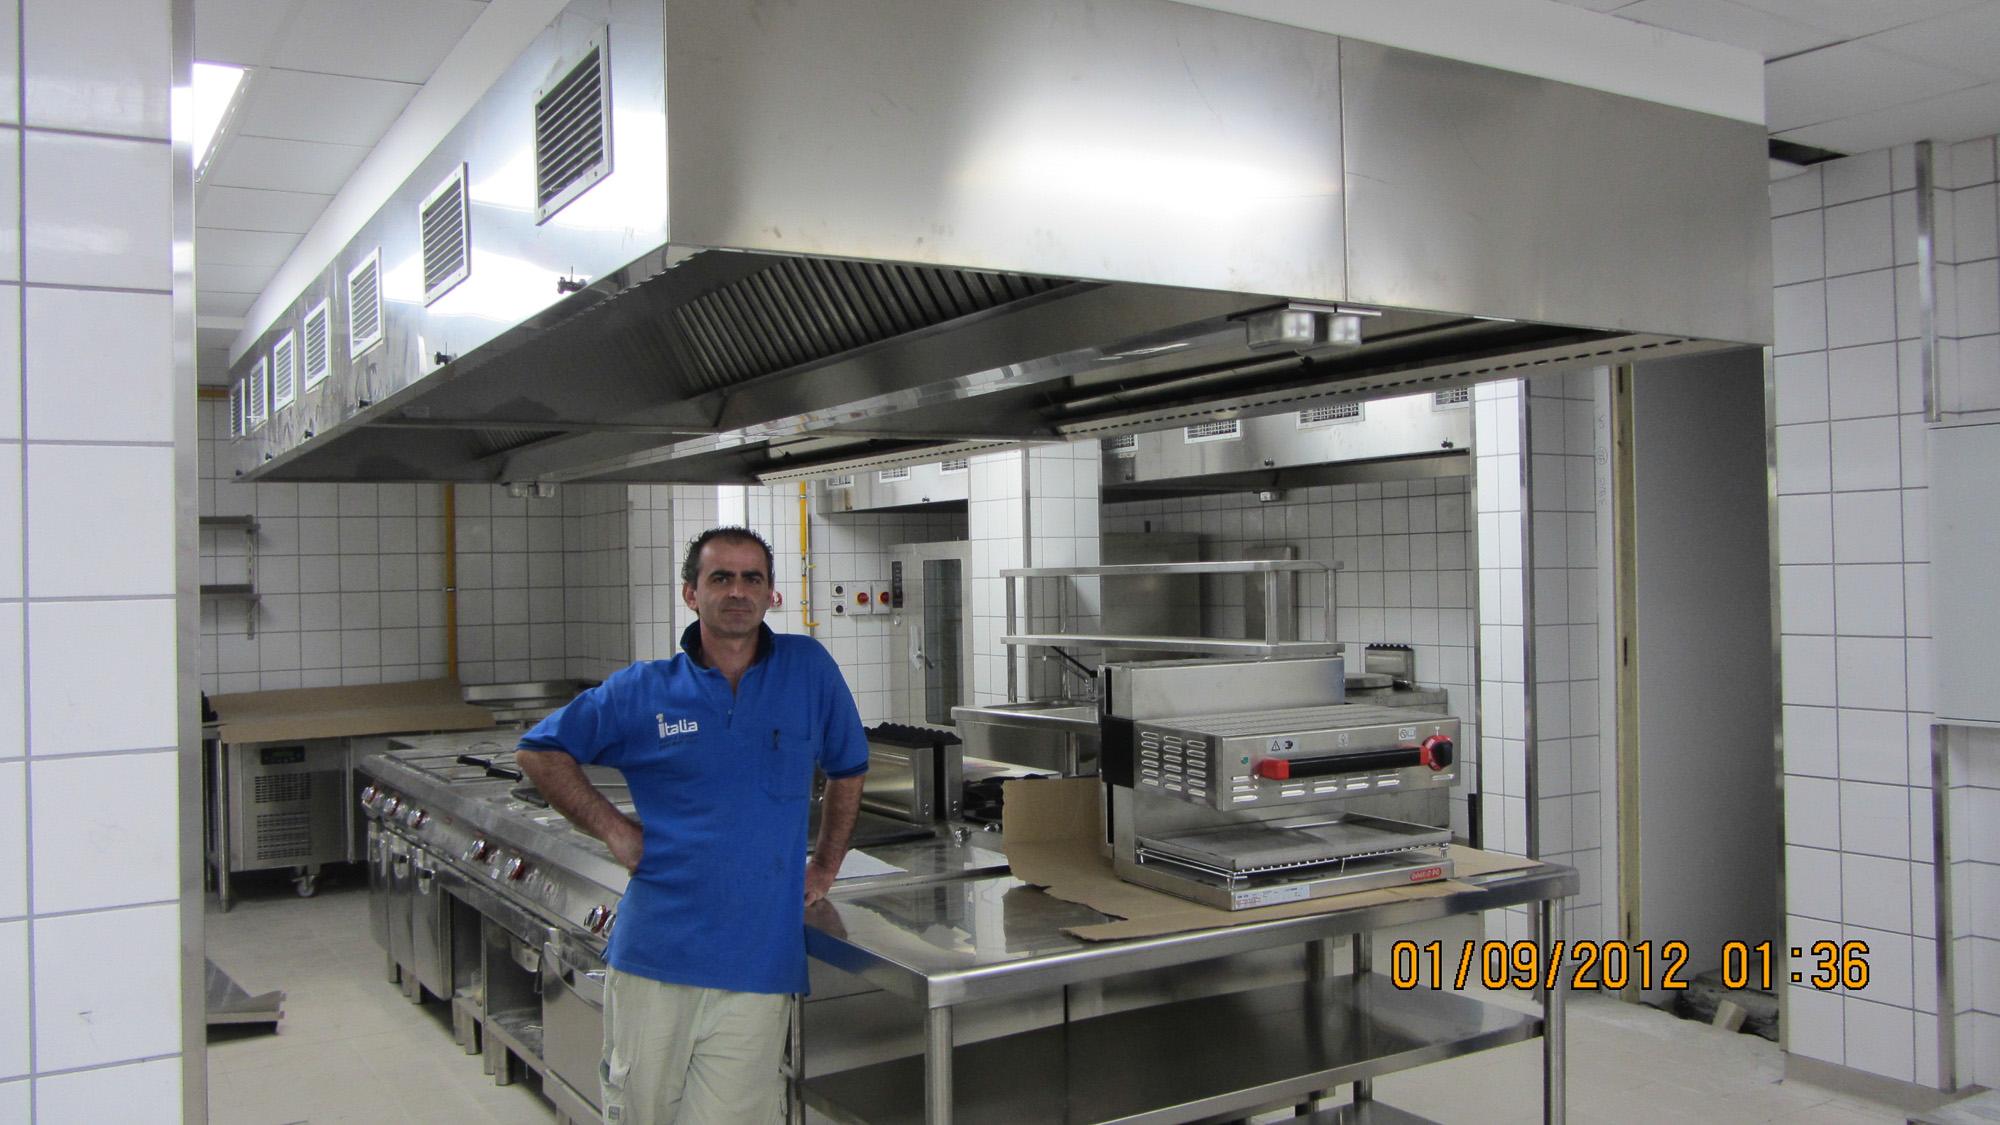 Italia_kitchen_-st.regis-2-1